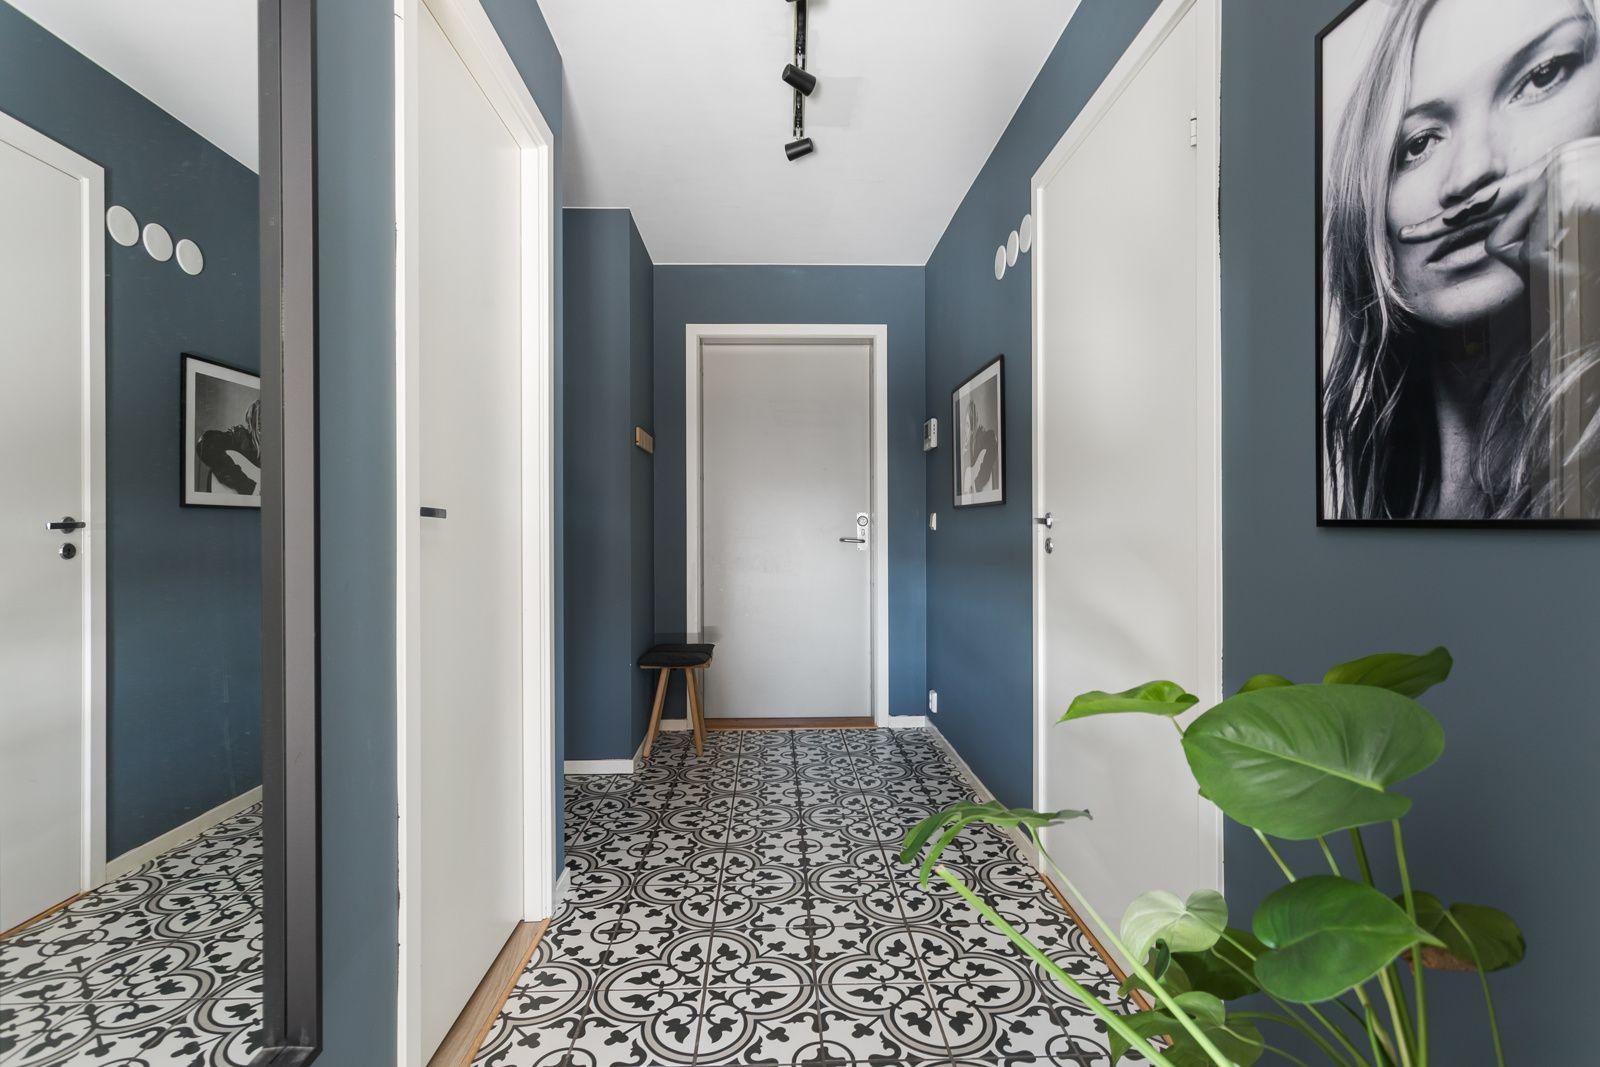 Sandakerveien 22 H Entréen har lekre historiske fliser på gulv og glatte overflater malt i en nydelig mørk blåfarge. Fra entréen har du adkomst til et praktisk garderoberom med god oppbevaringsplass.